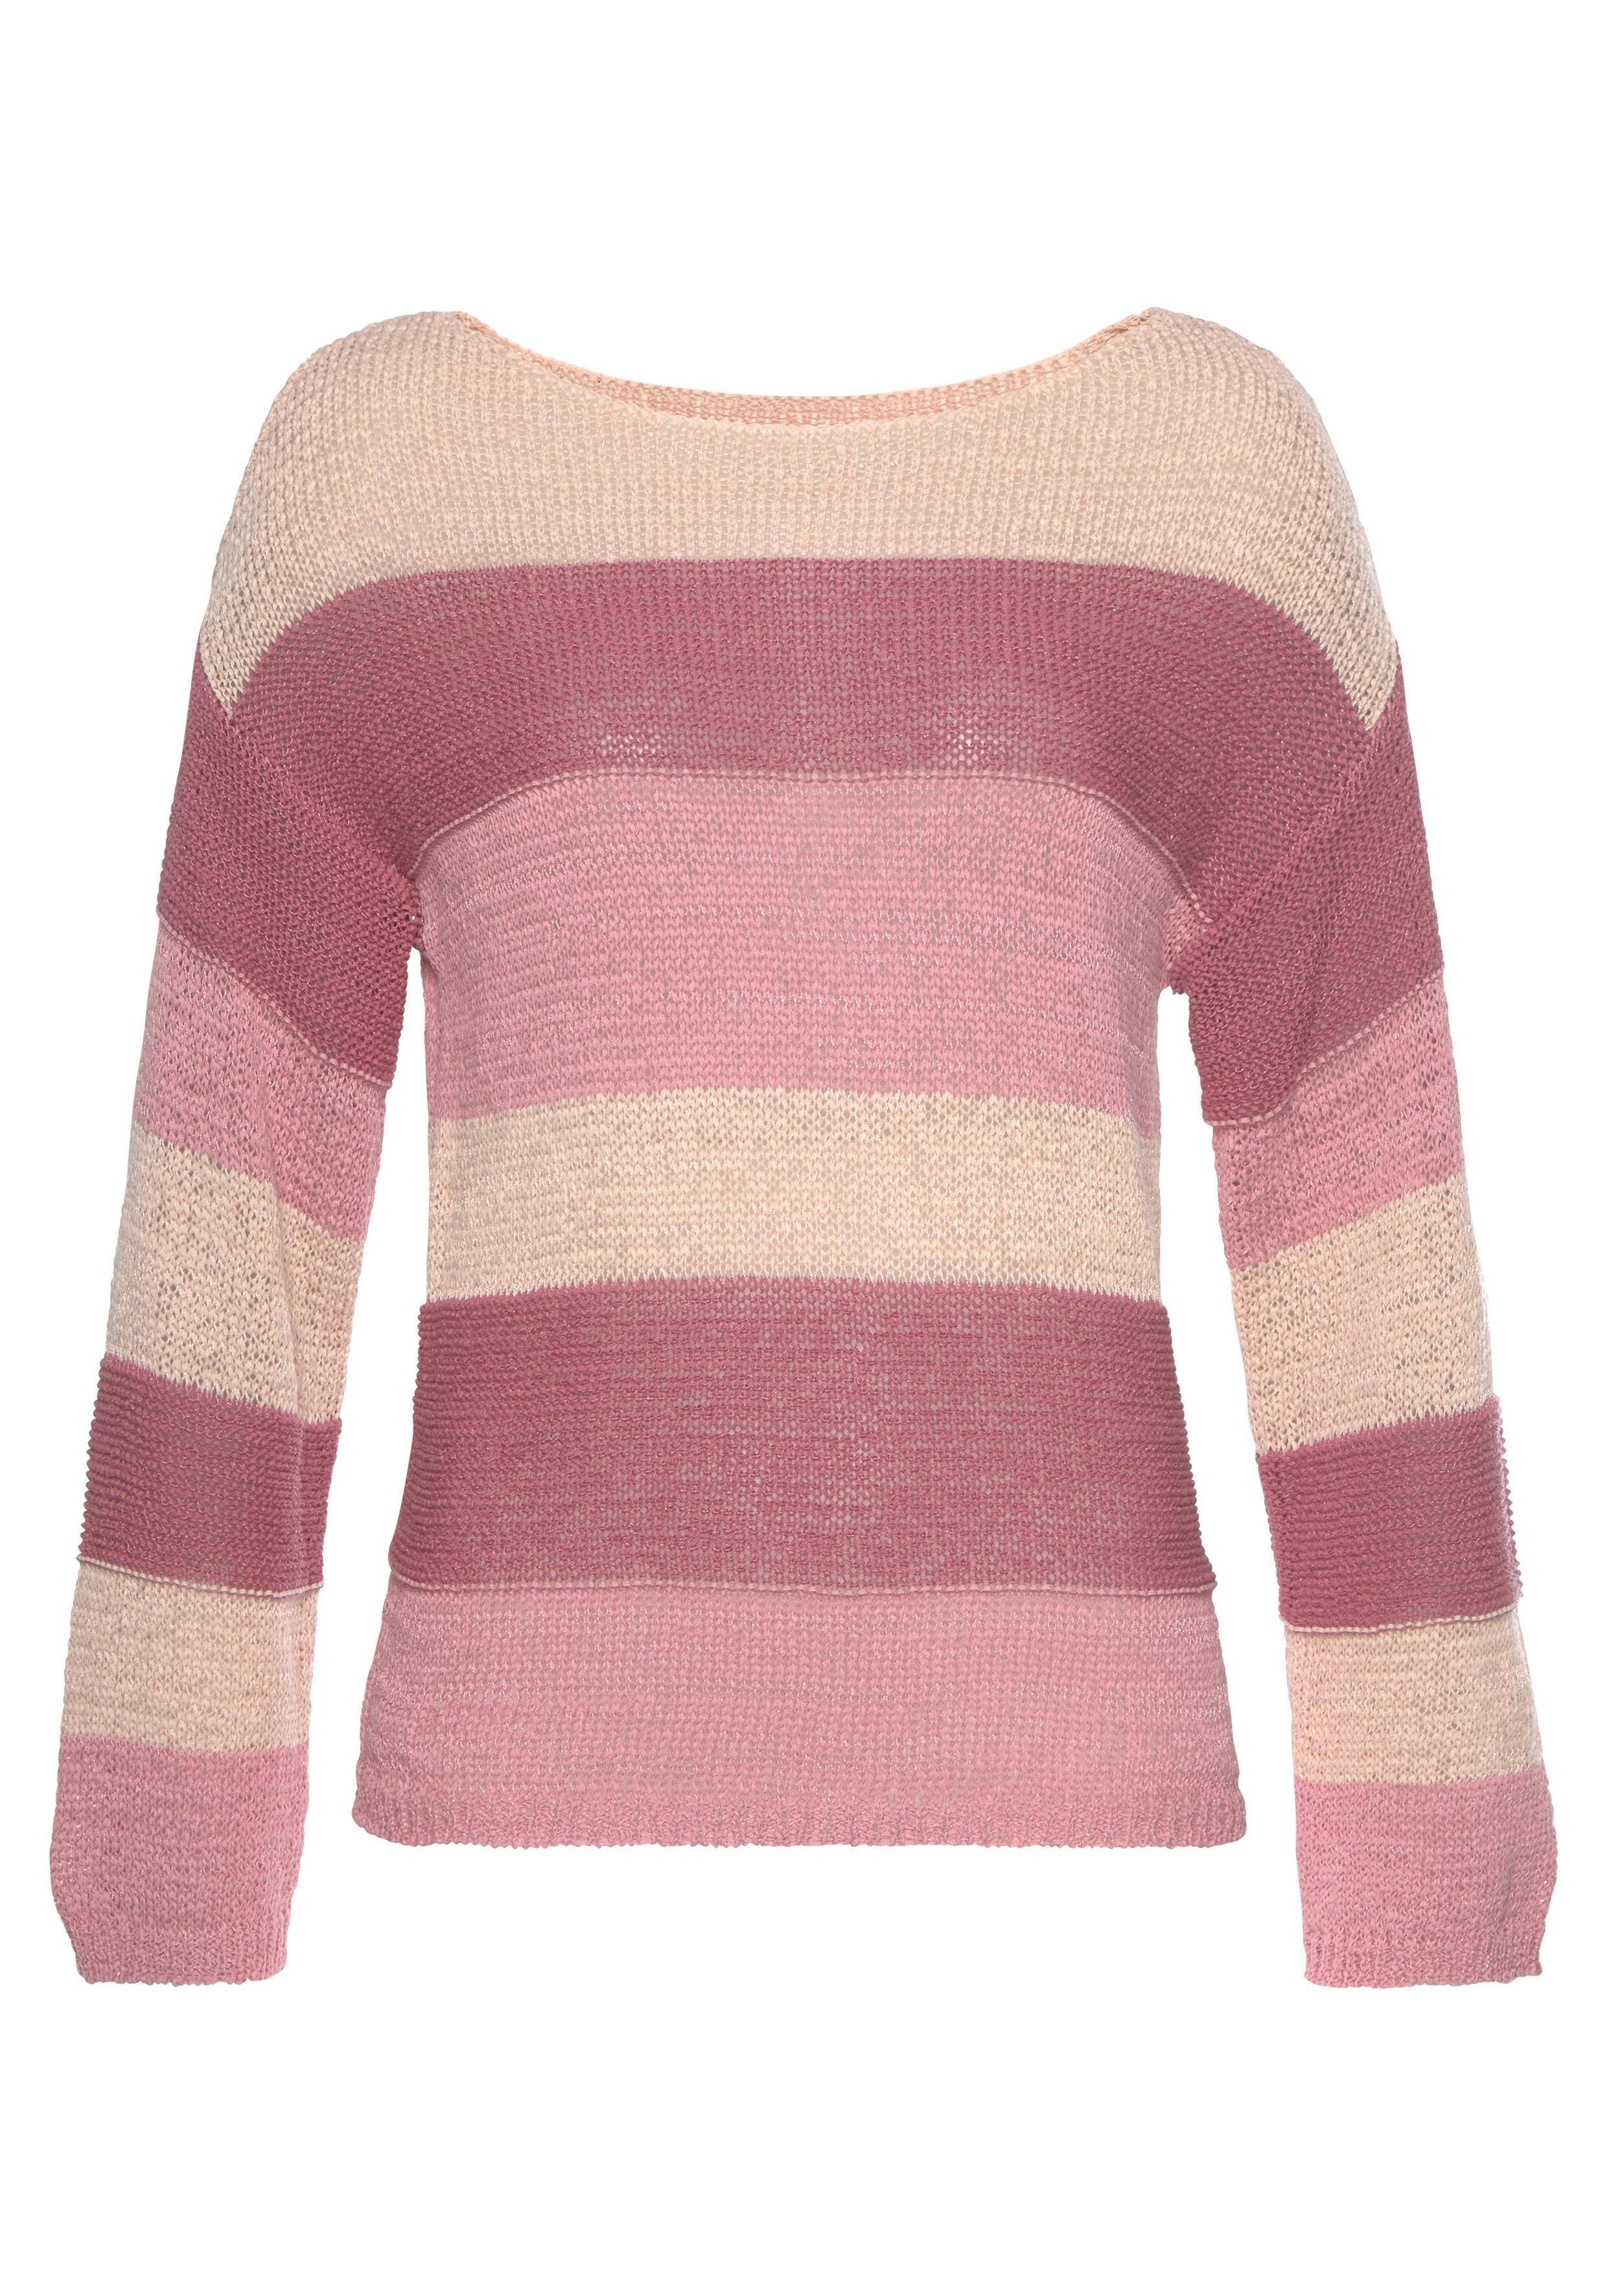 LASCANA gestreepte trui online kopen op lascana.nl